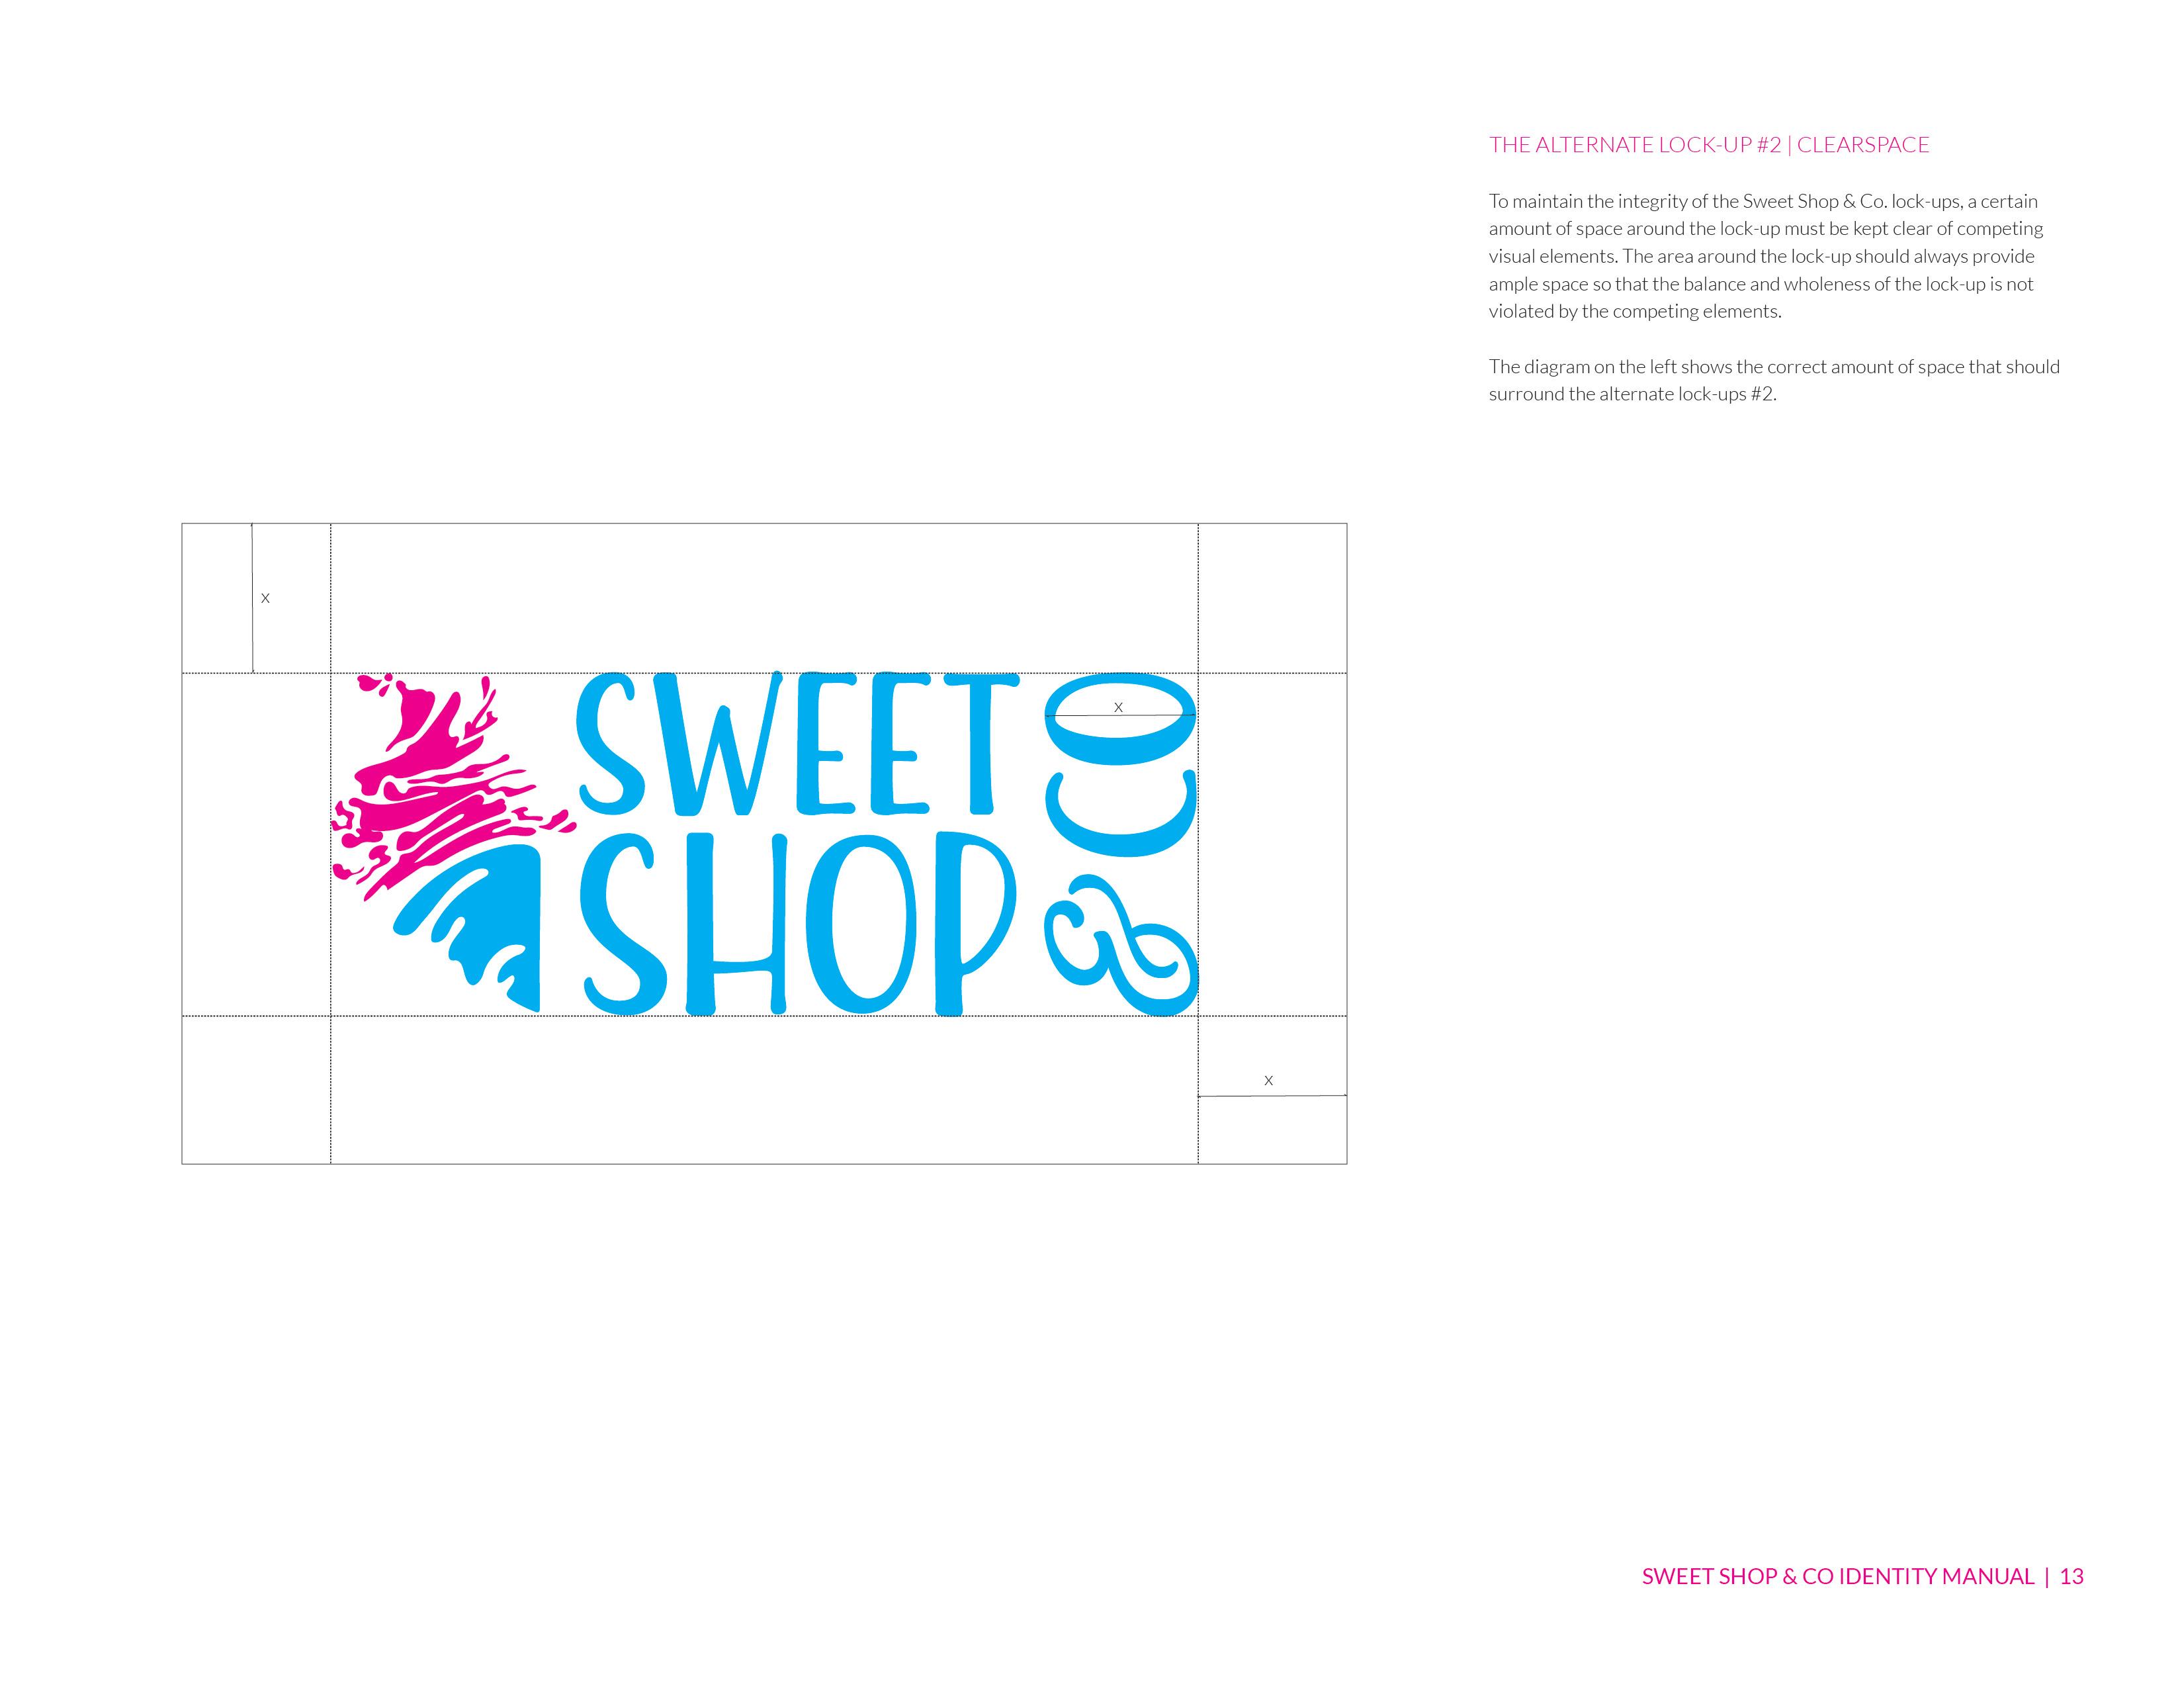 13SweetShop&Co_IdentityManual